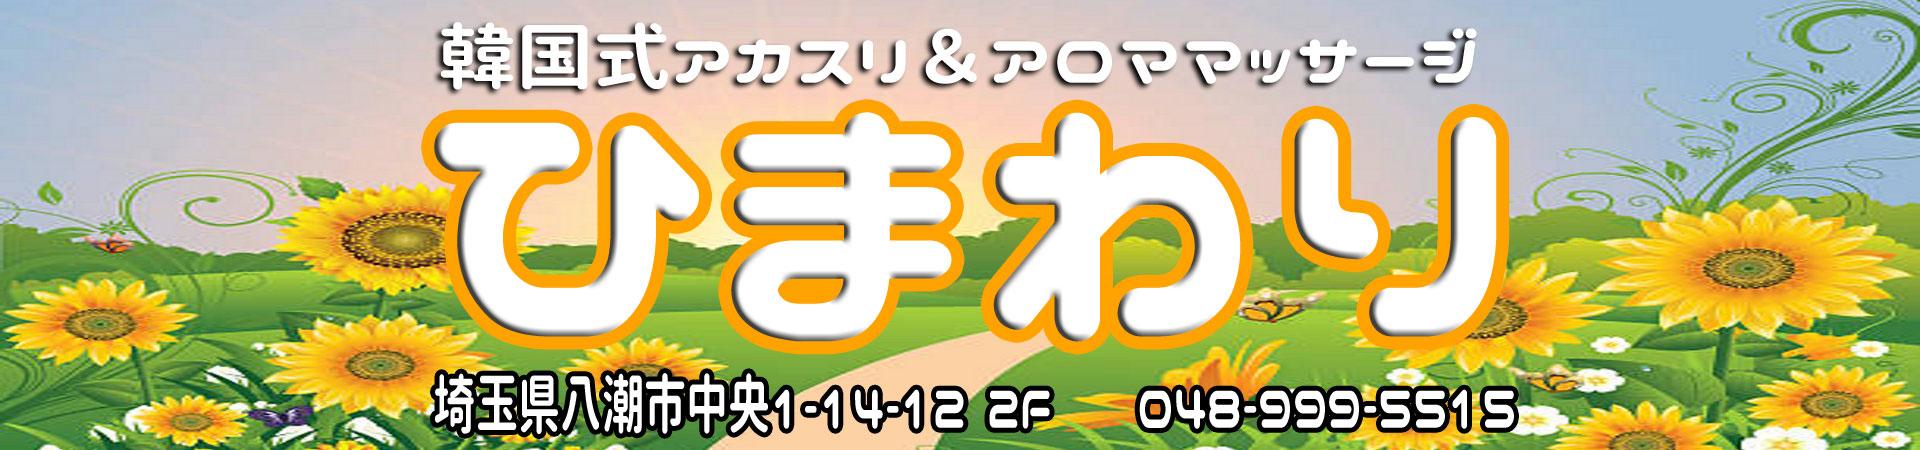 【ひまわり】埼玉/八潮市